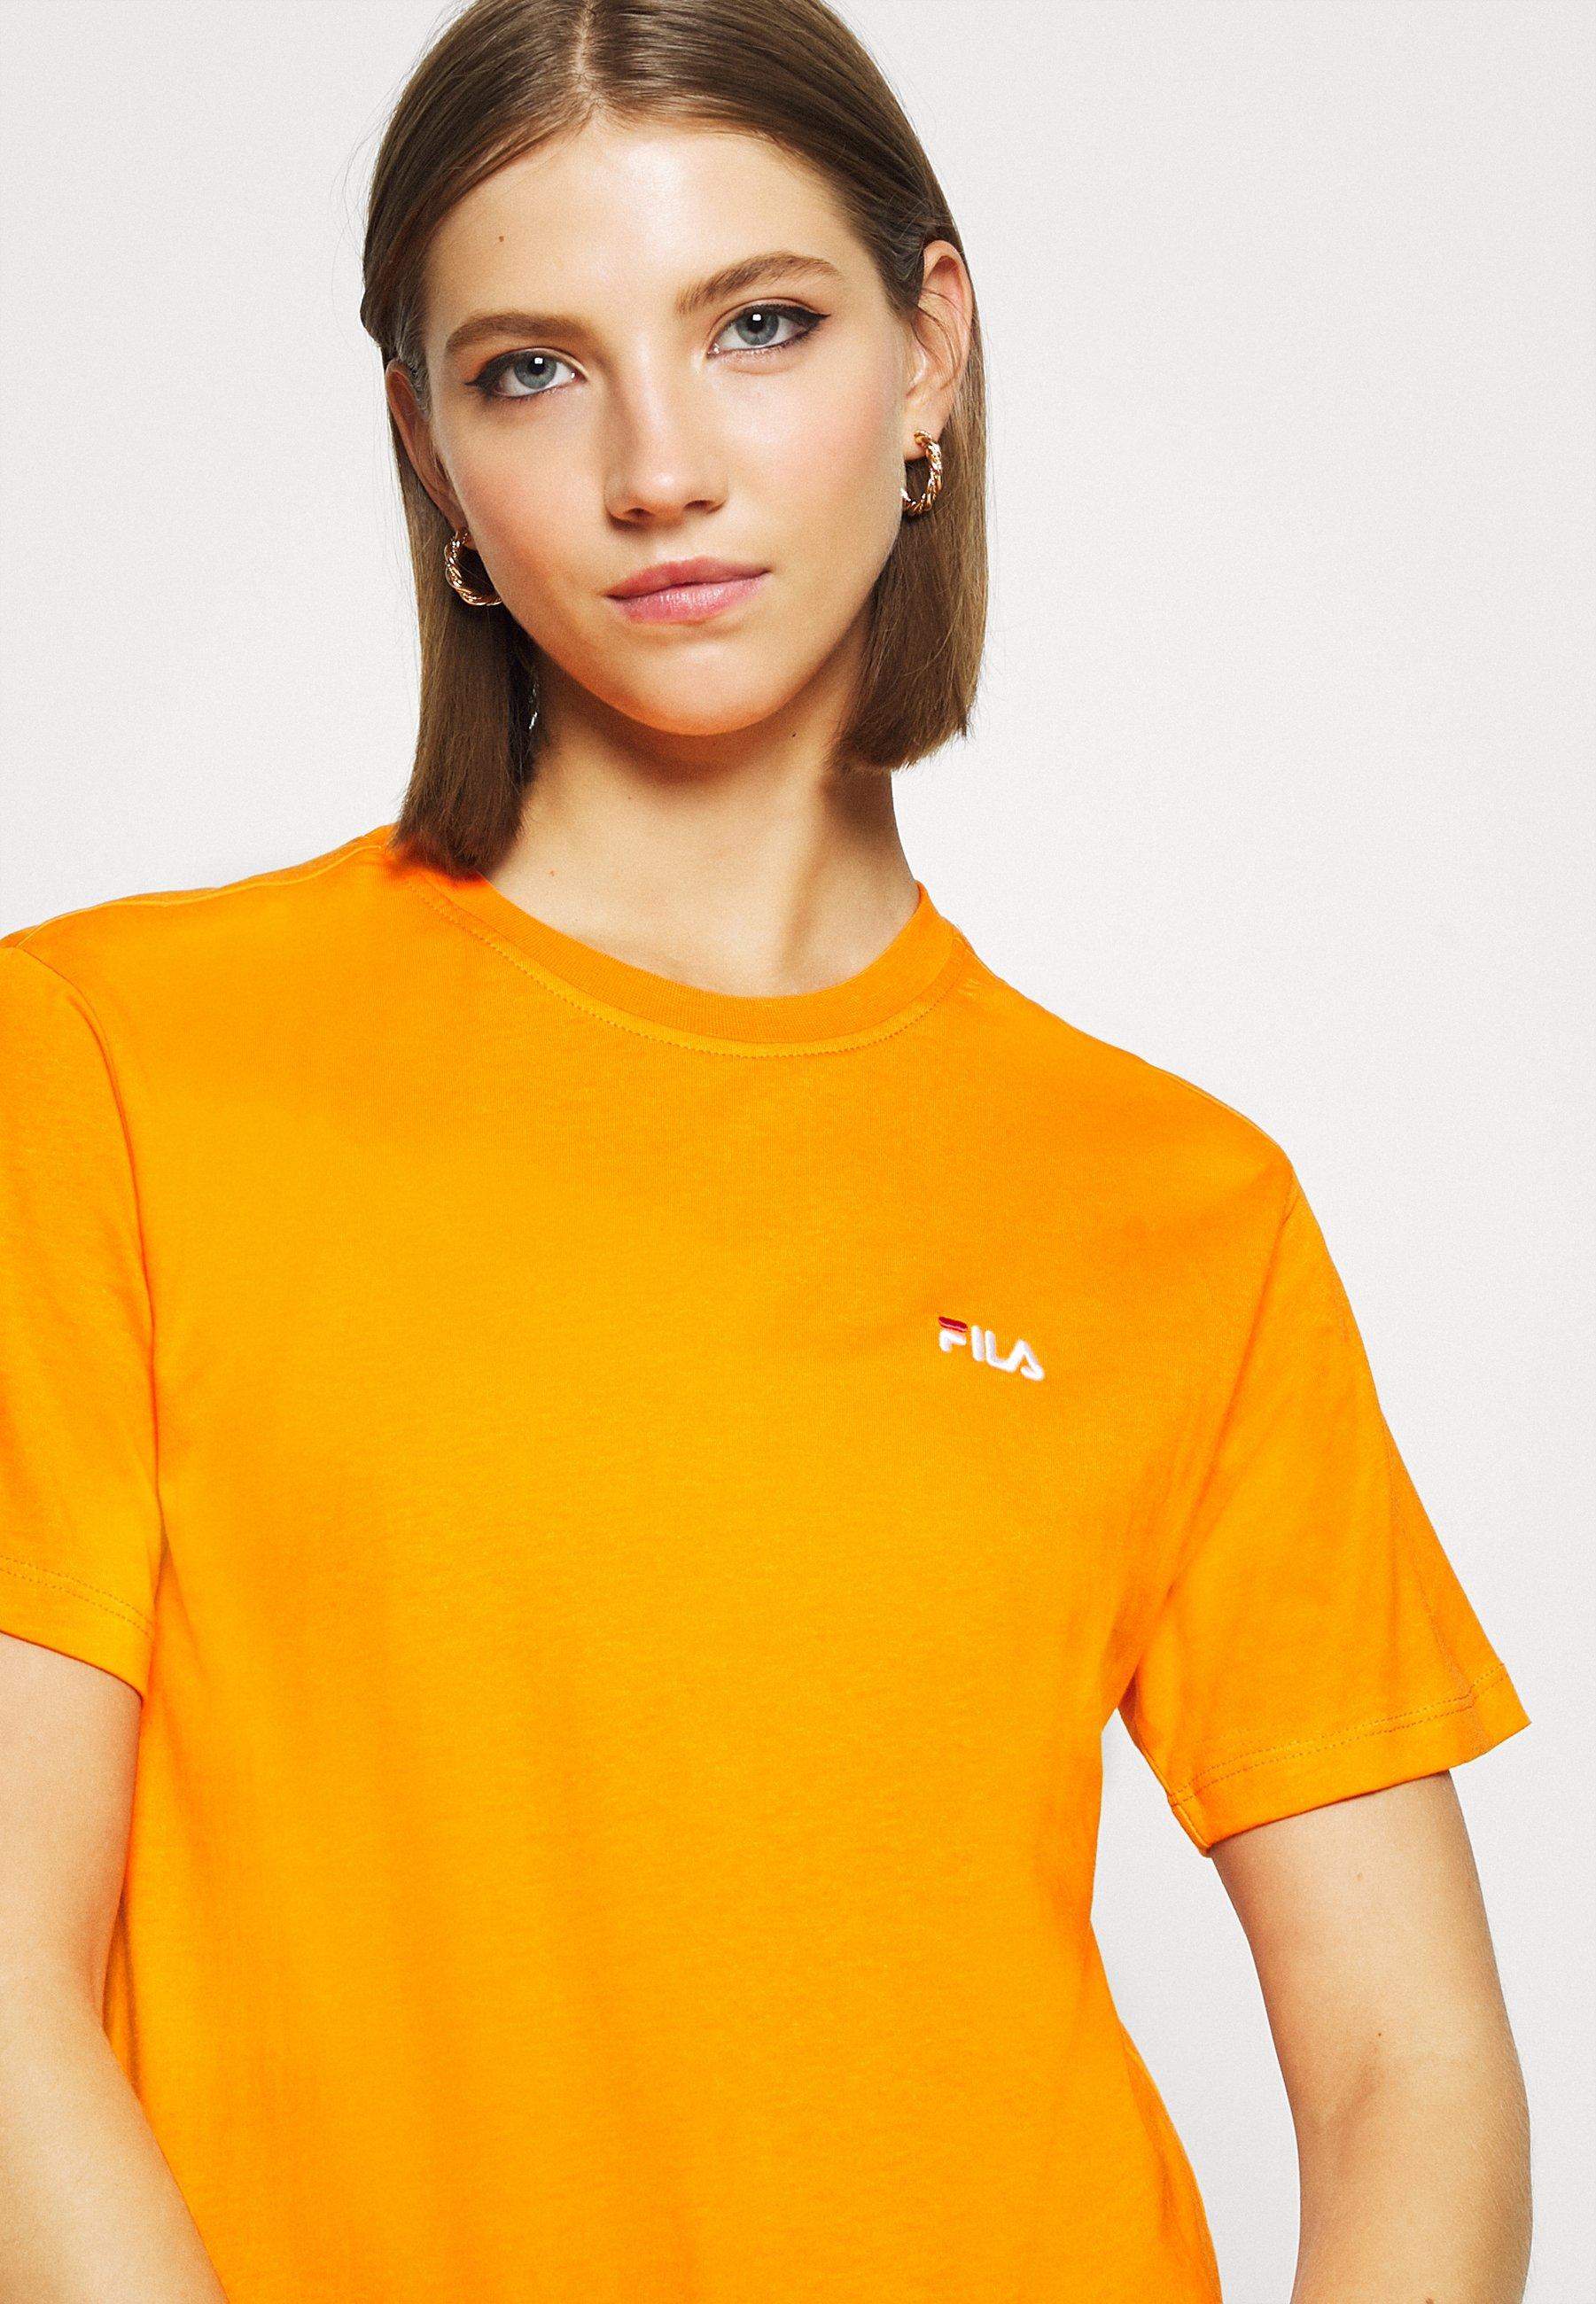 Fila Eara Tee - T-shirts Orange Popsicle/oransje